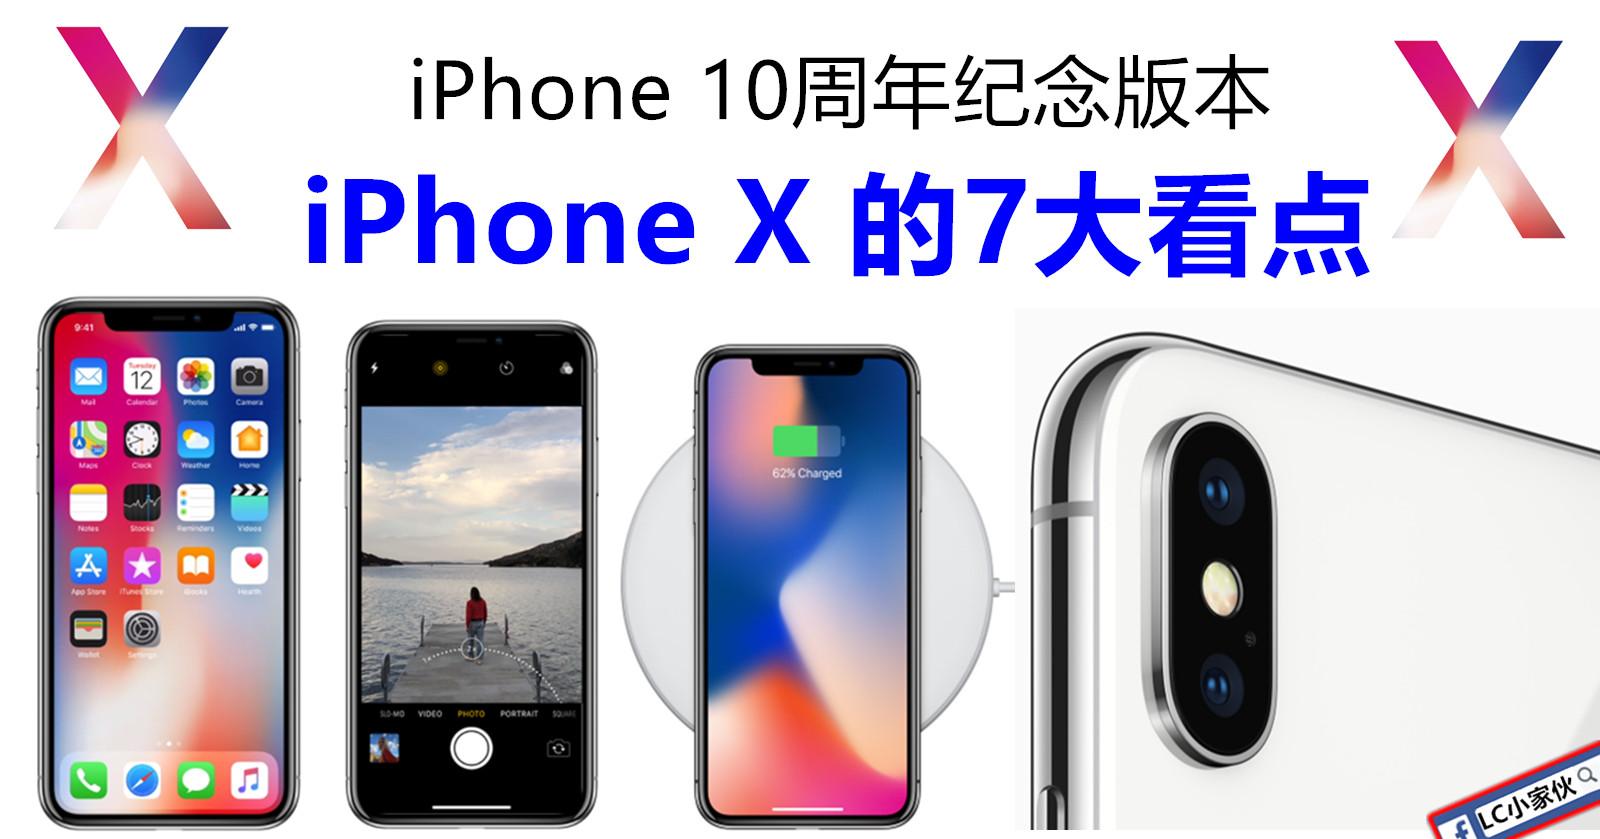 iPhone X 的7大亮點看這里   LC 小傢伙綜合網